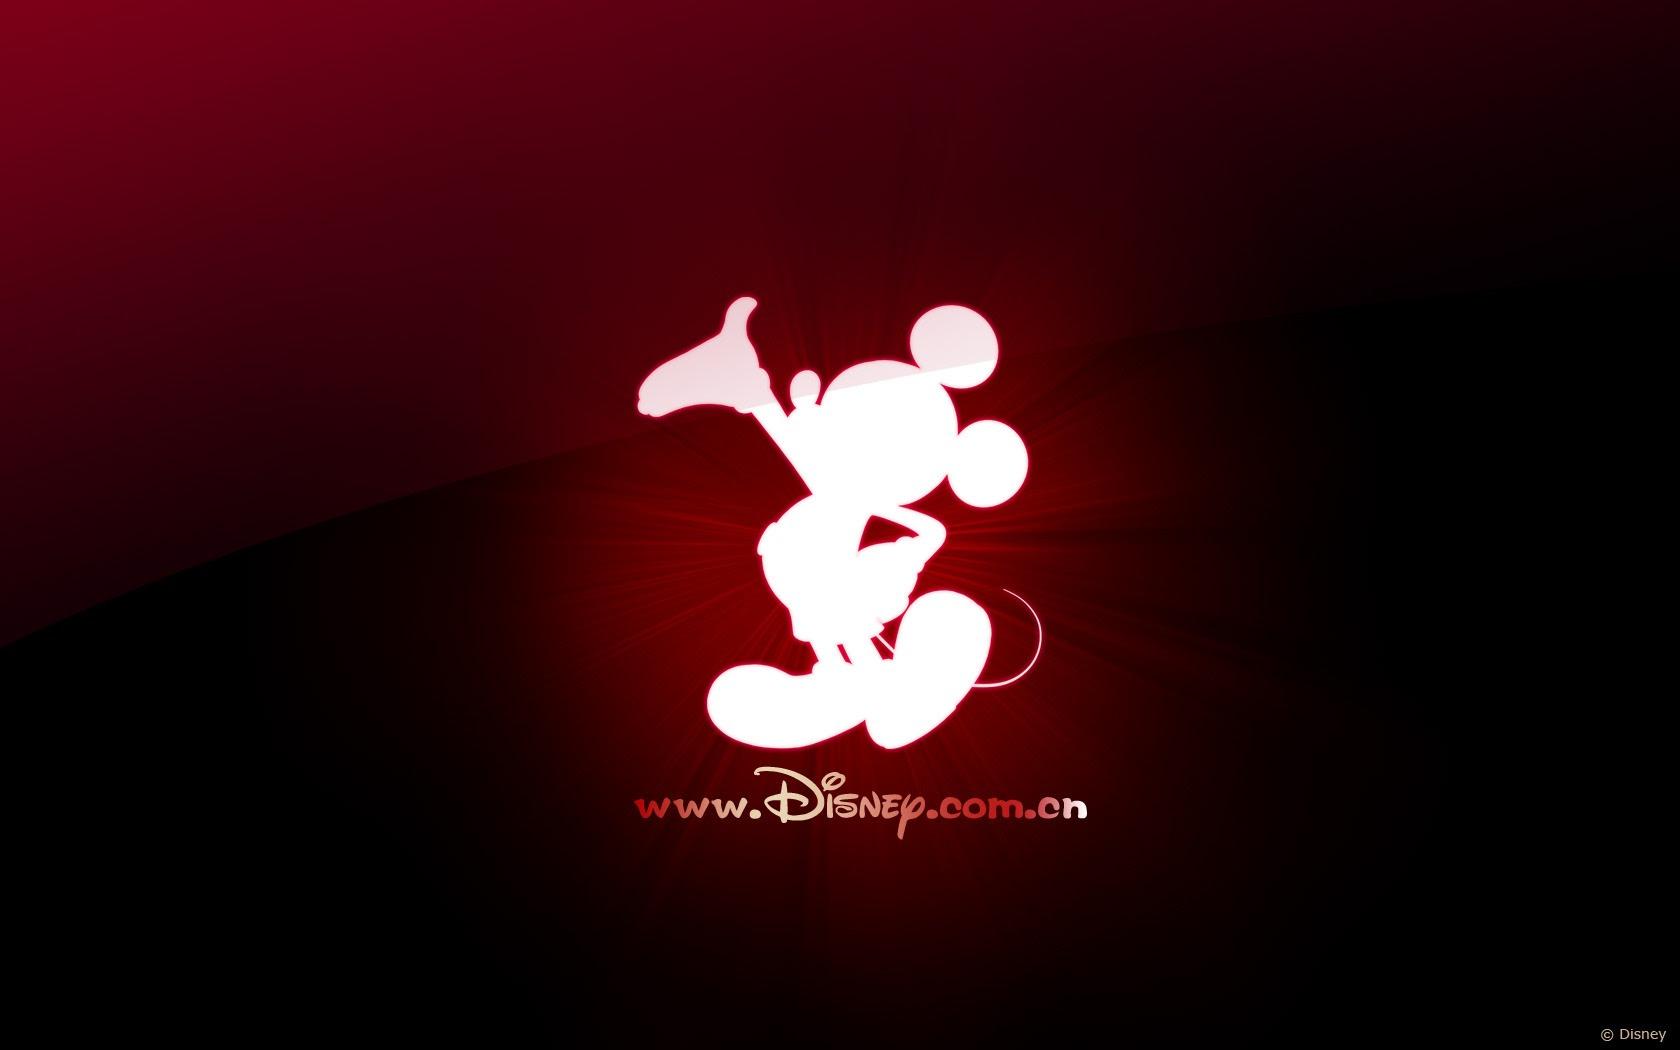 ディズニーアニメミッキーの壁紙 3 18 1680x1050 壁紙